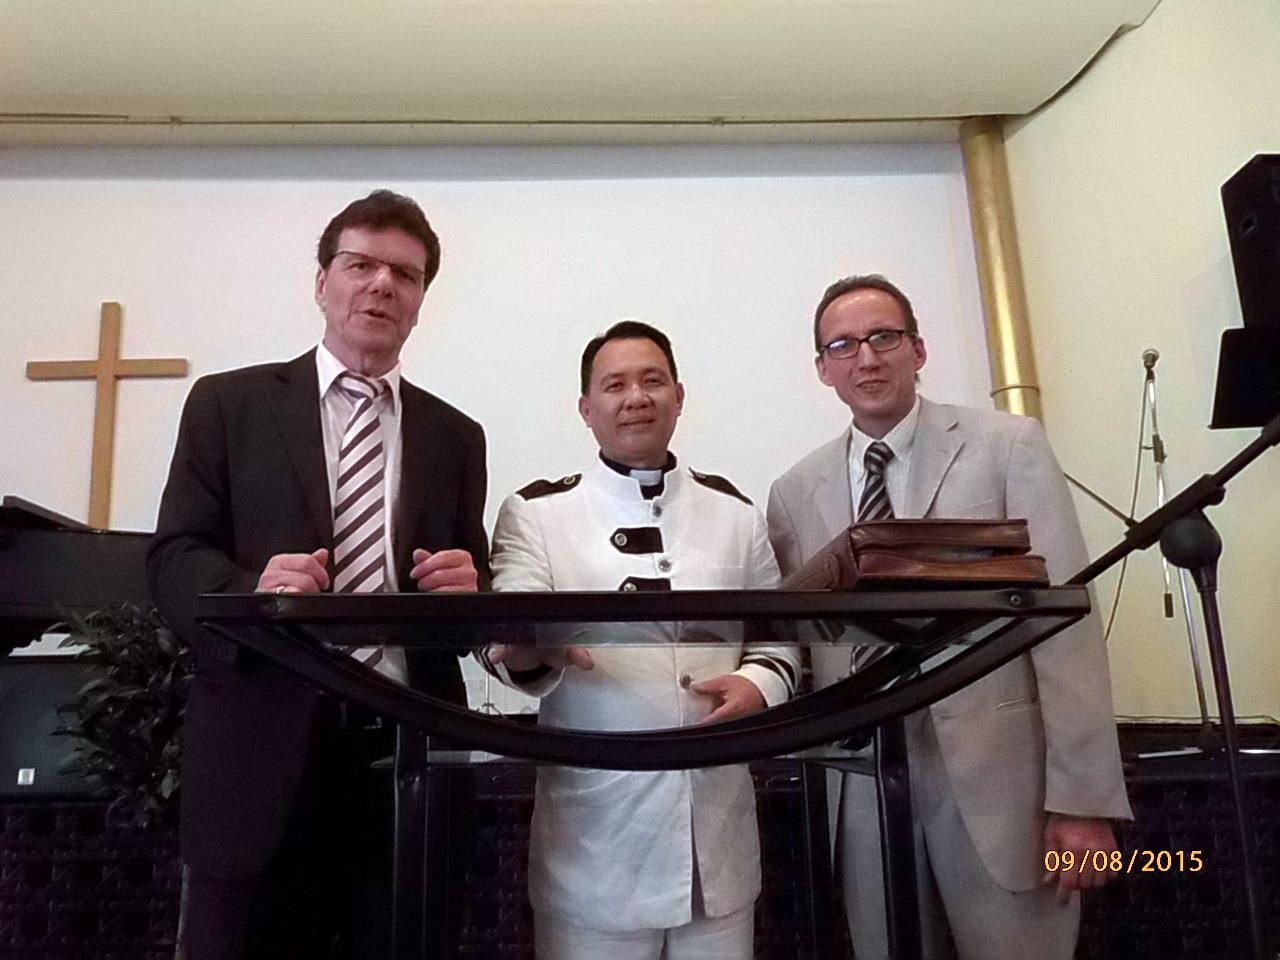 Bischof aus Malaysia zu Gast in der Nordstern-Kirche